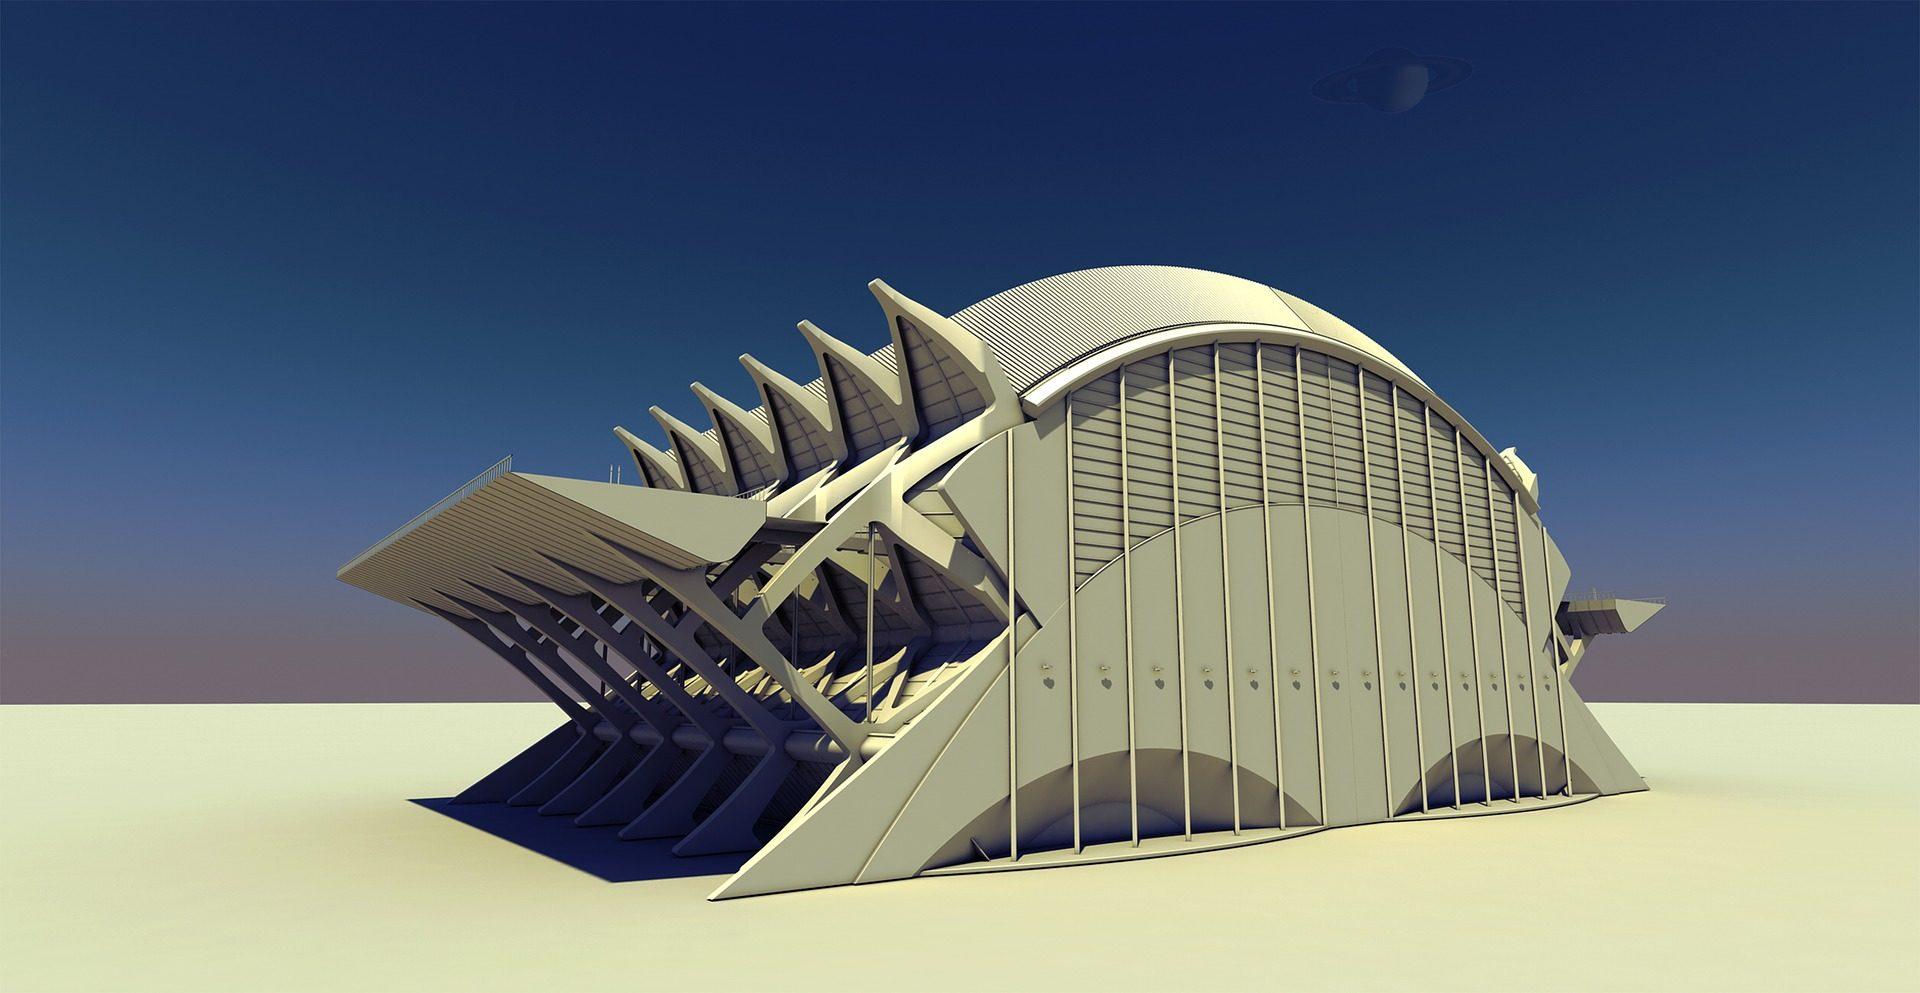 Estádio, maqueta, edifício, arquitetura, modelo, 3D - Papéis de parede HD - Professor-falken.com